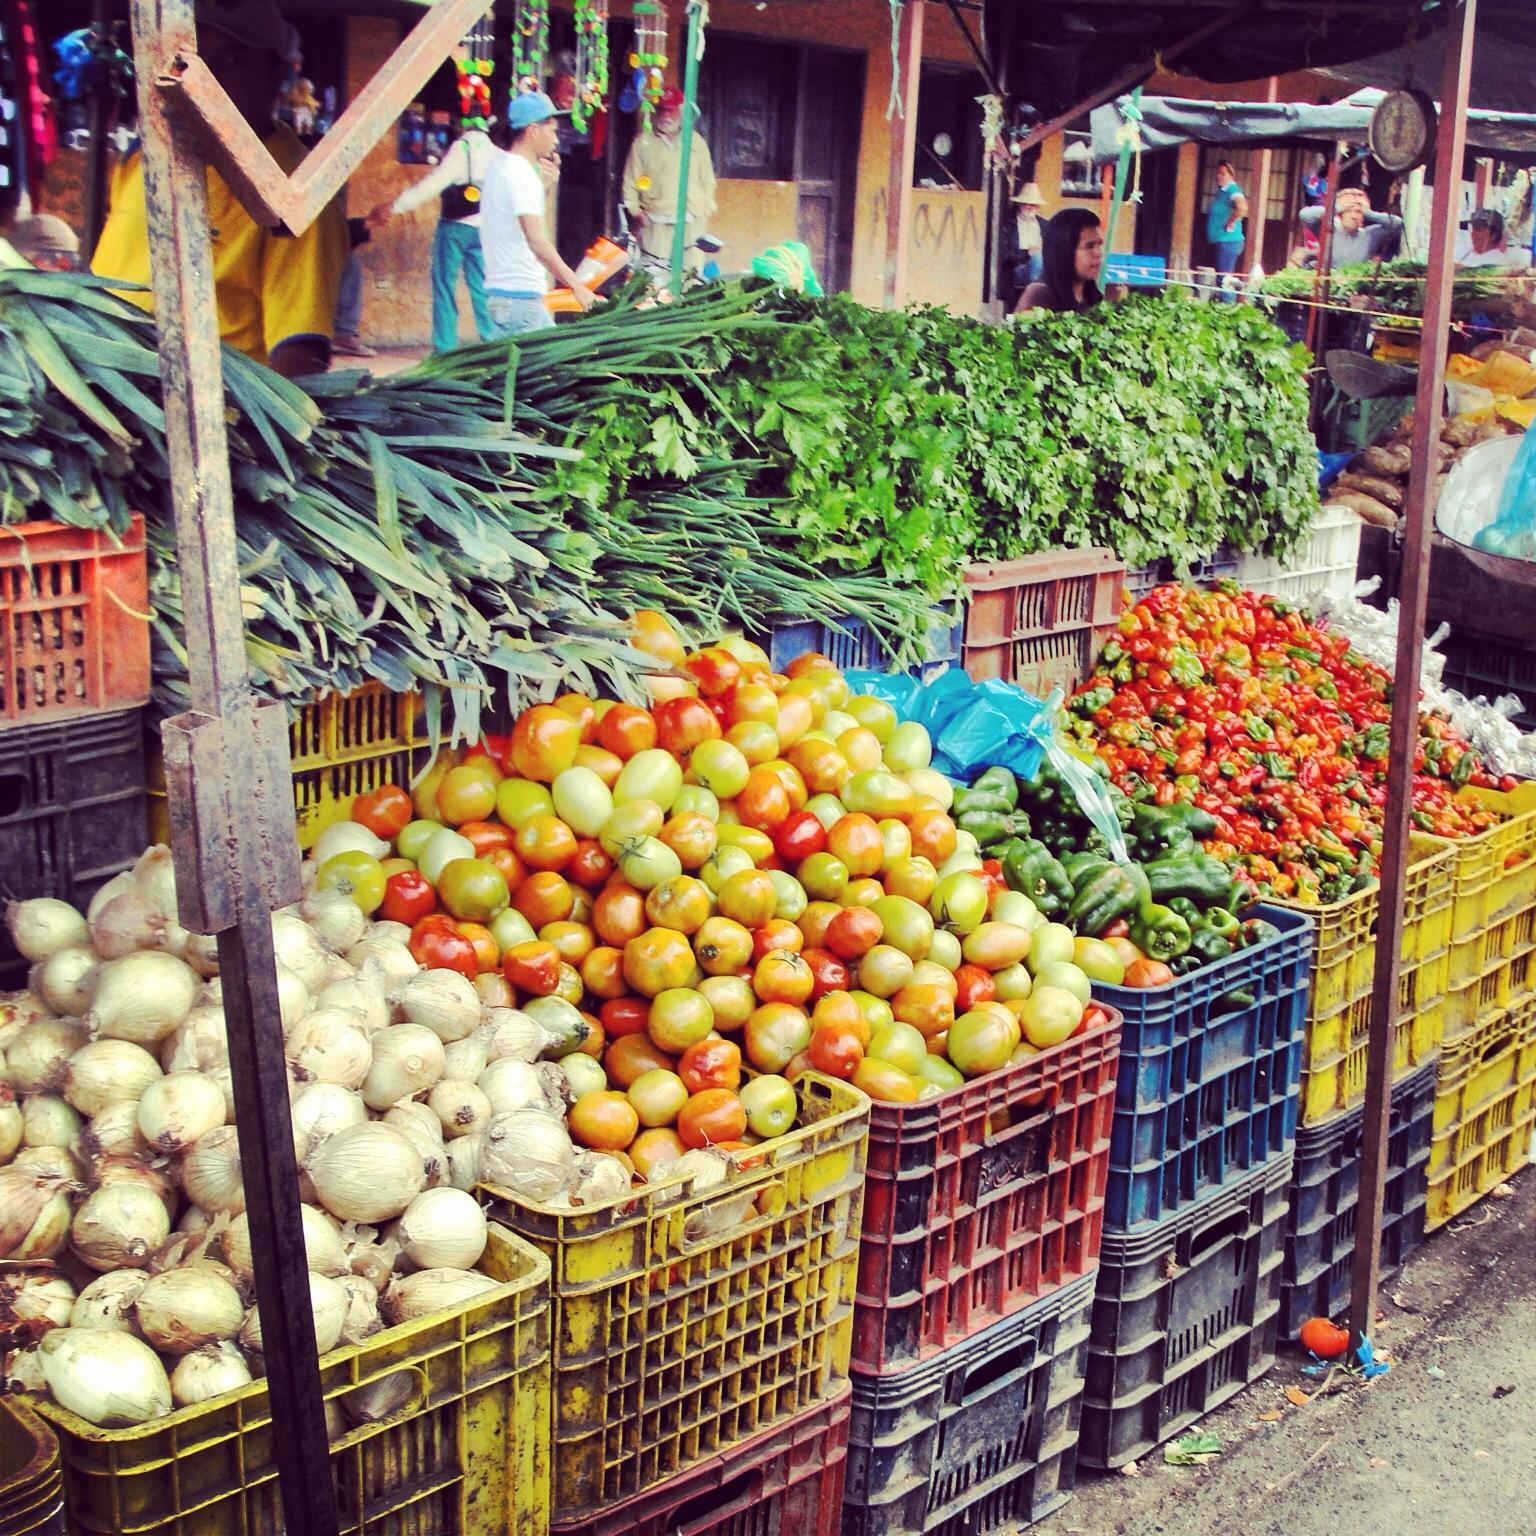 Archivo:Mercado de hortalizas, Caripe Venezuela..JPG - Wikipedia, la  enciclopedia libre